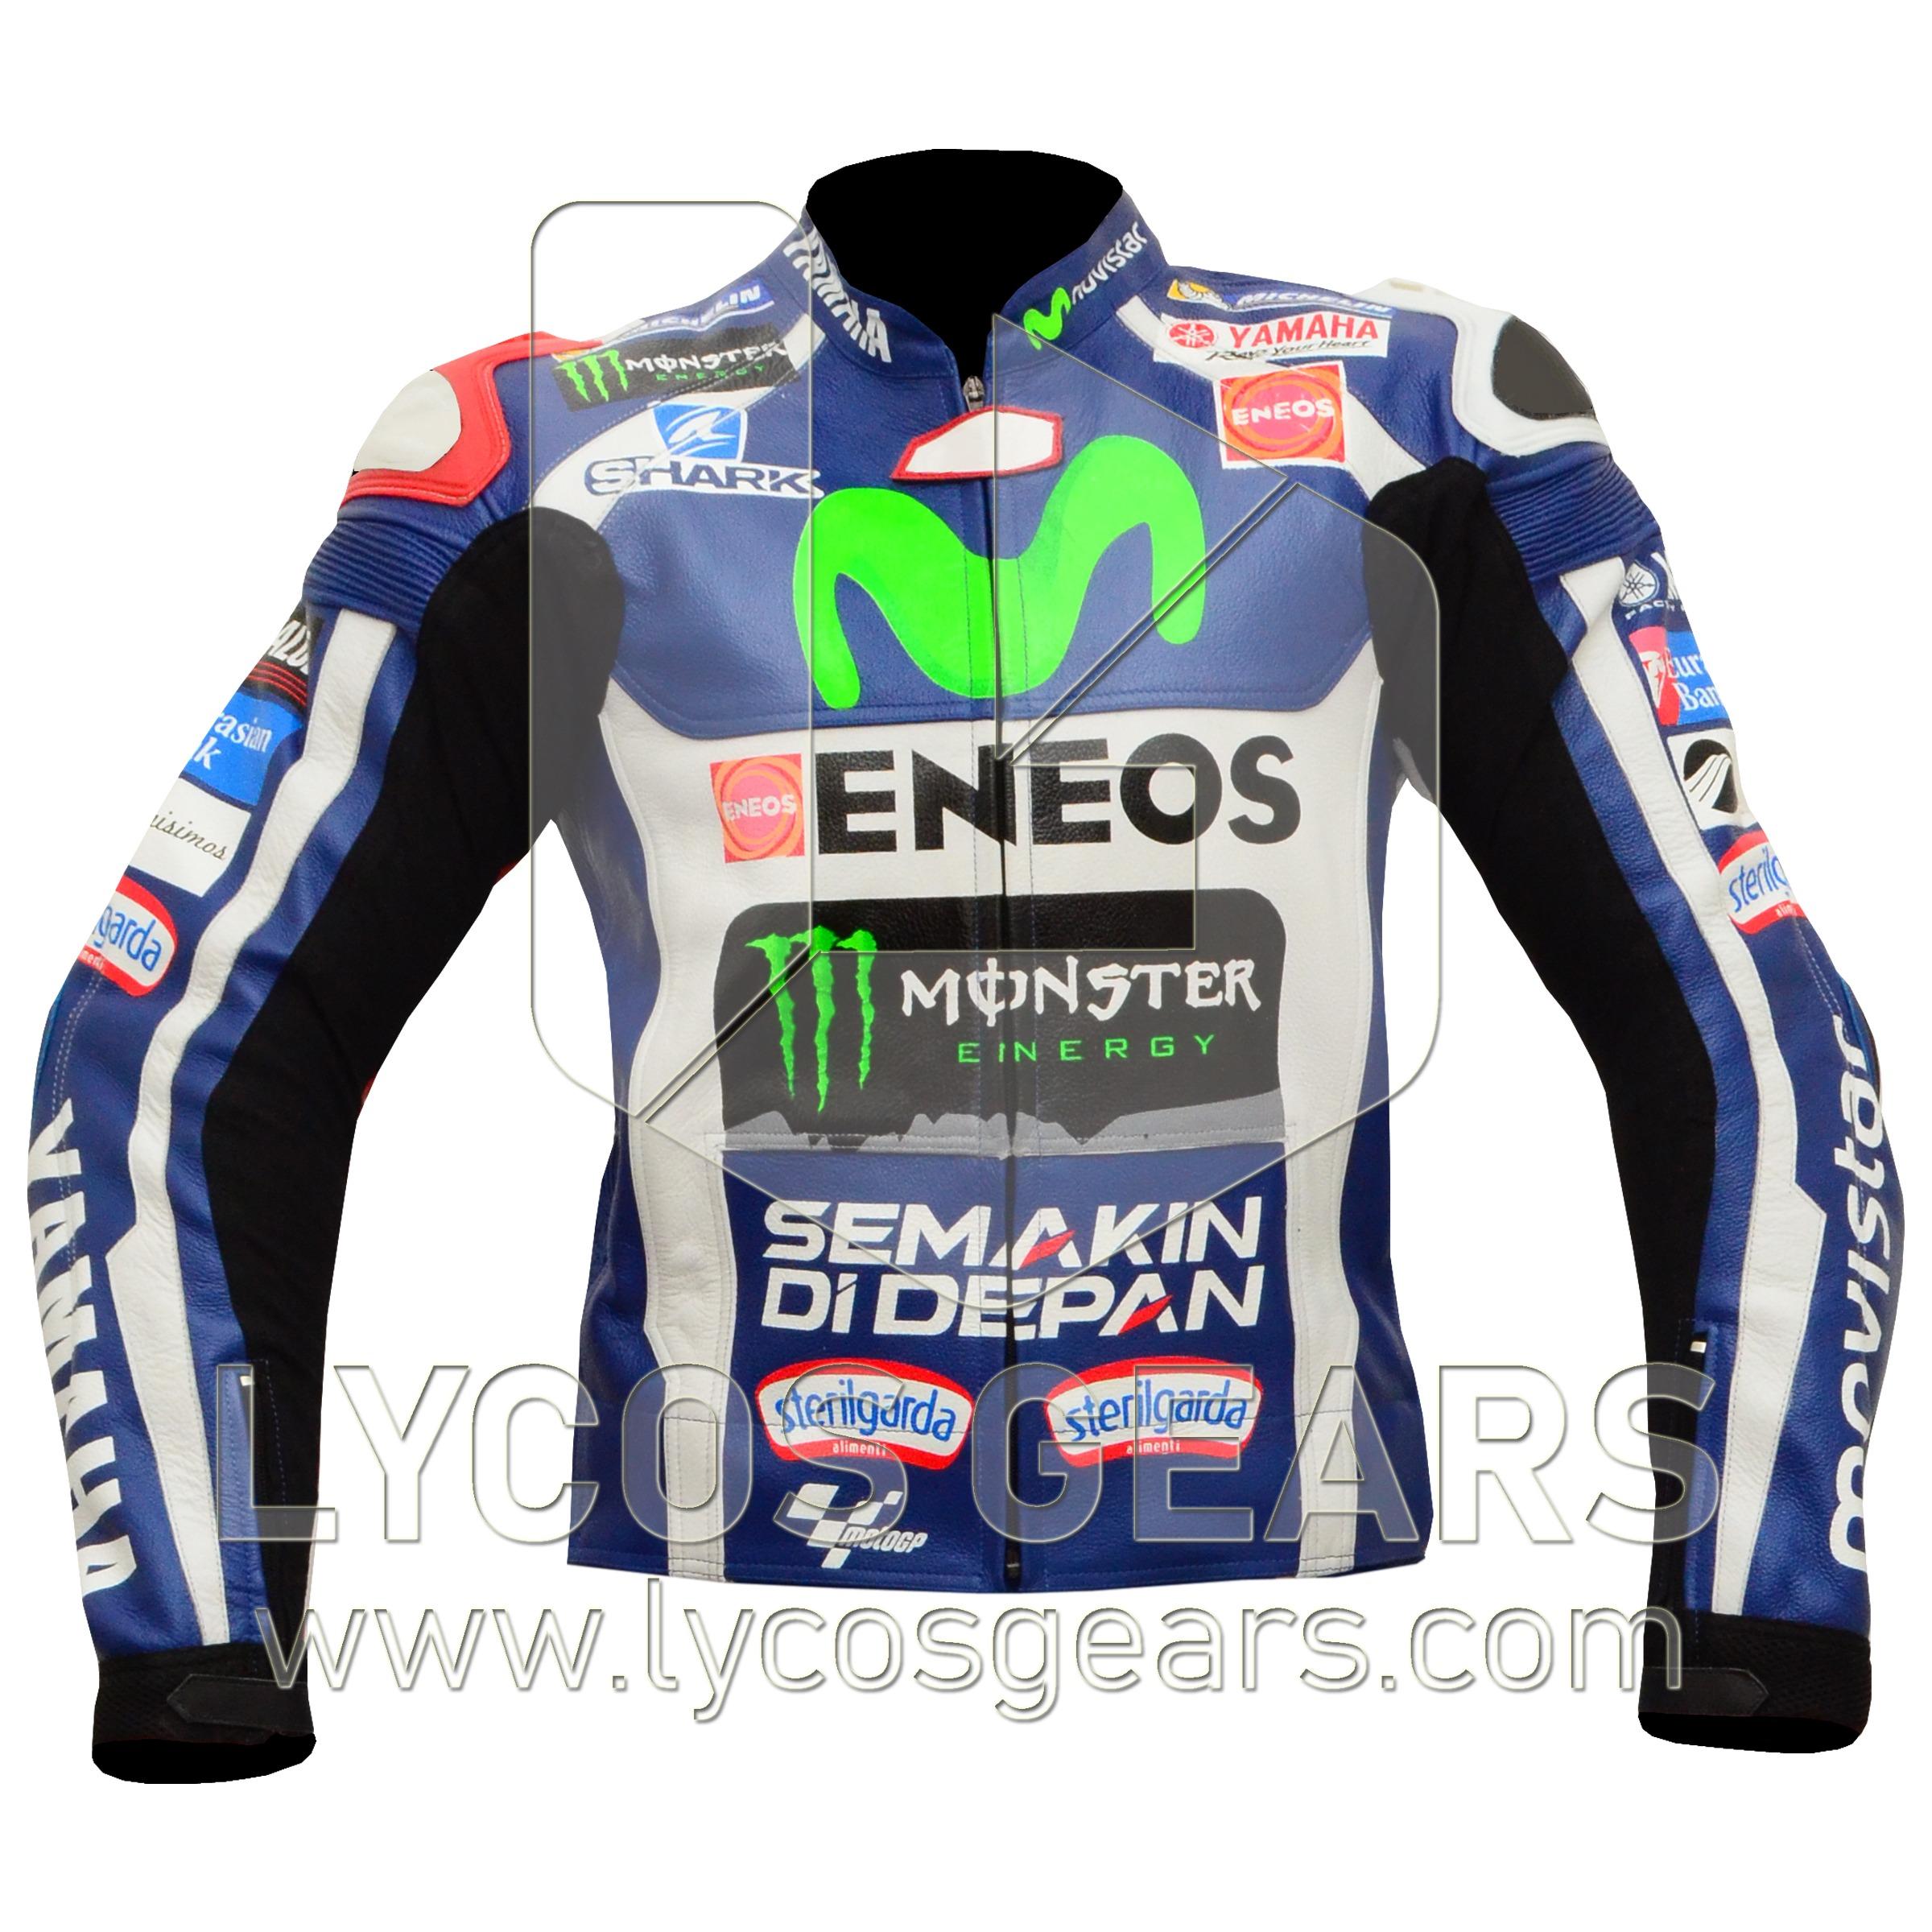 jorge lorenzo movistar 2016 motorcycle jacket